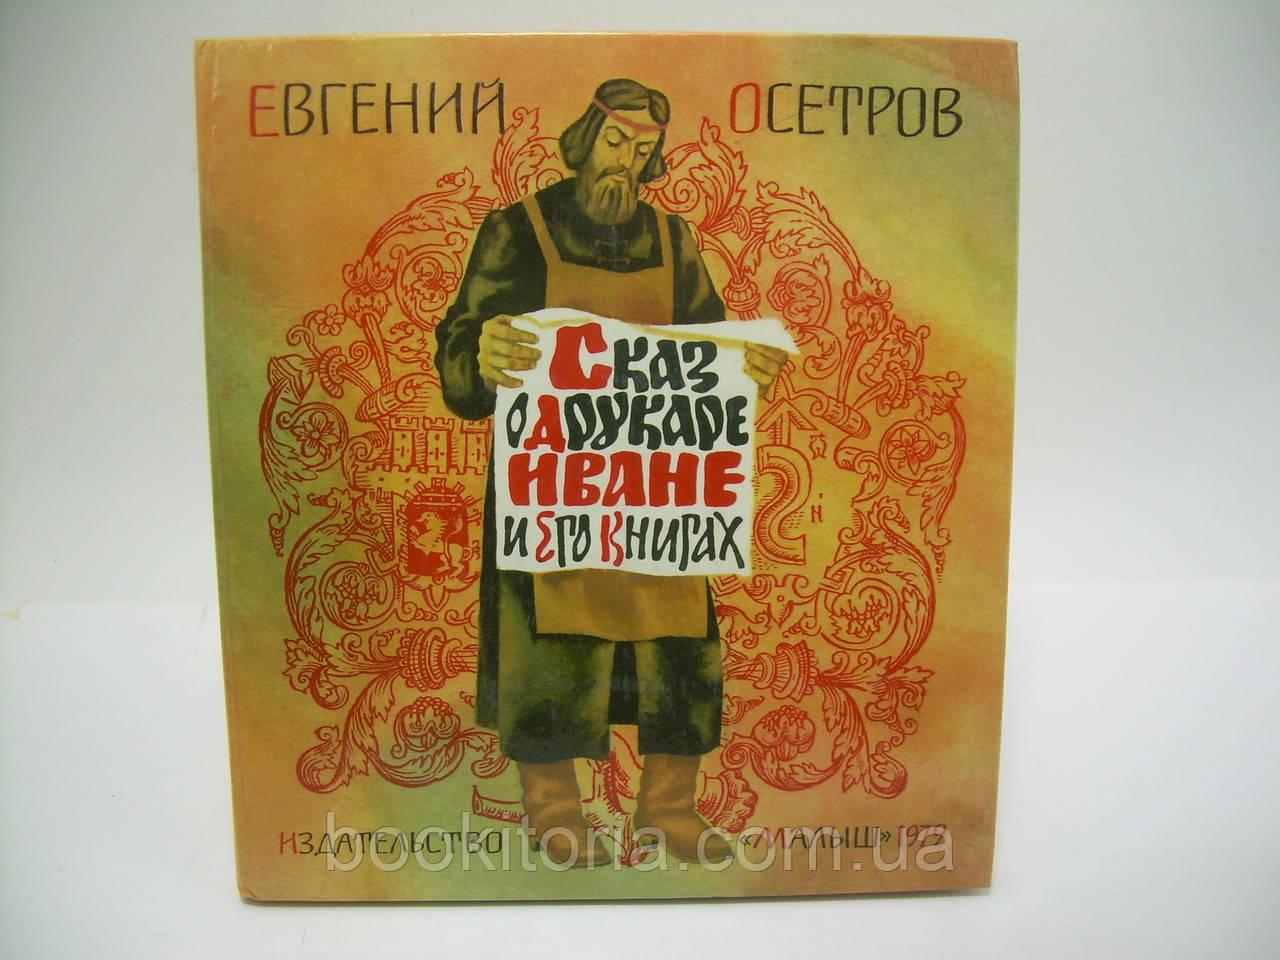 Осетров Е. Сказ о друкаре Иване и его книгах (б/у).